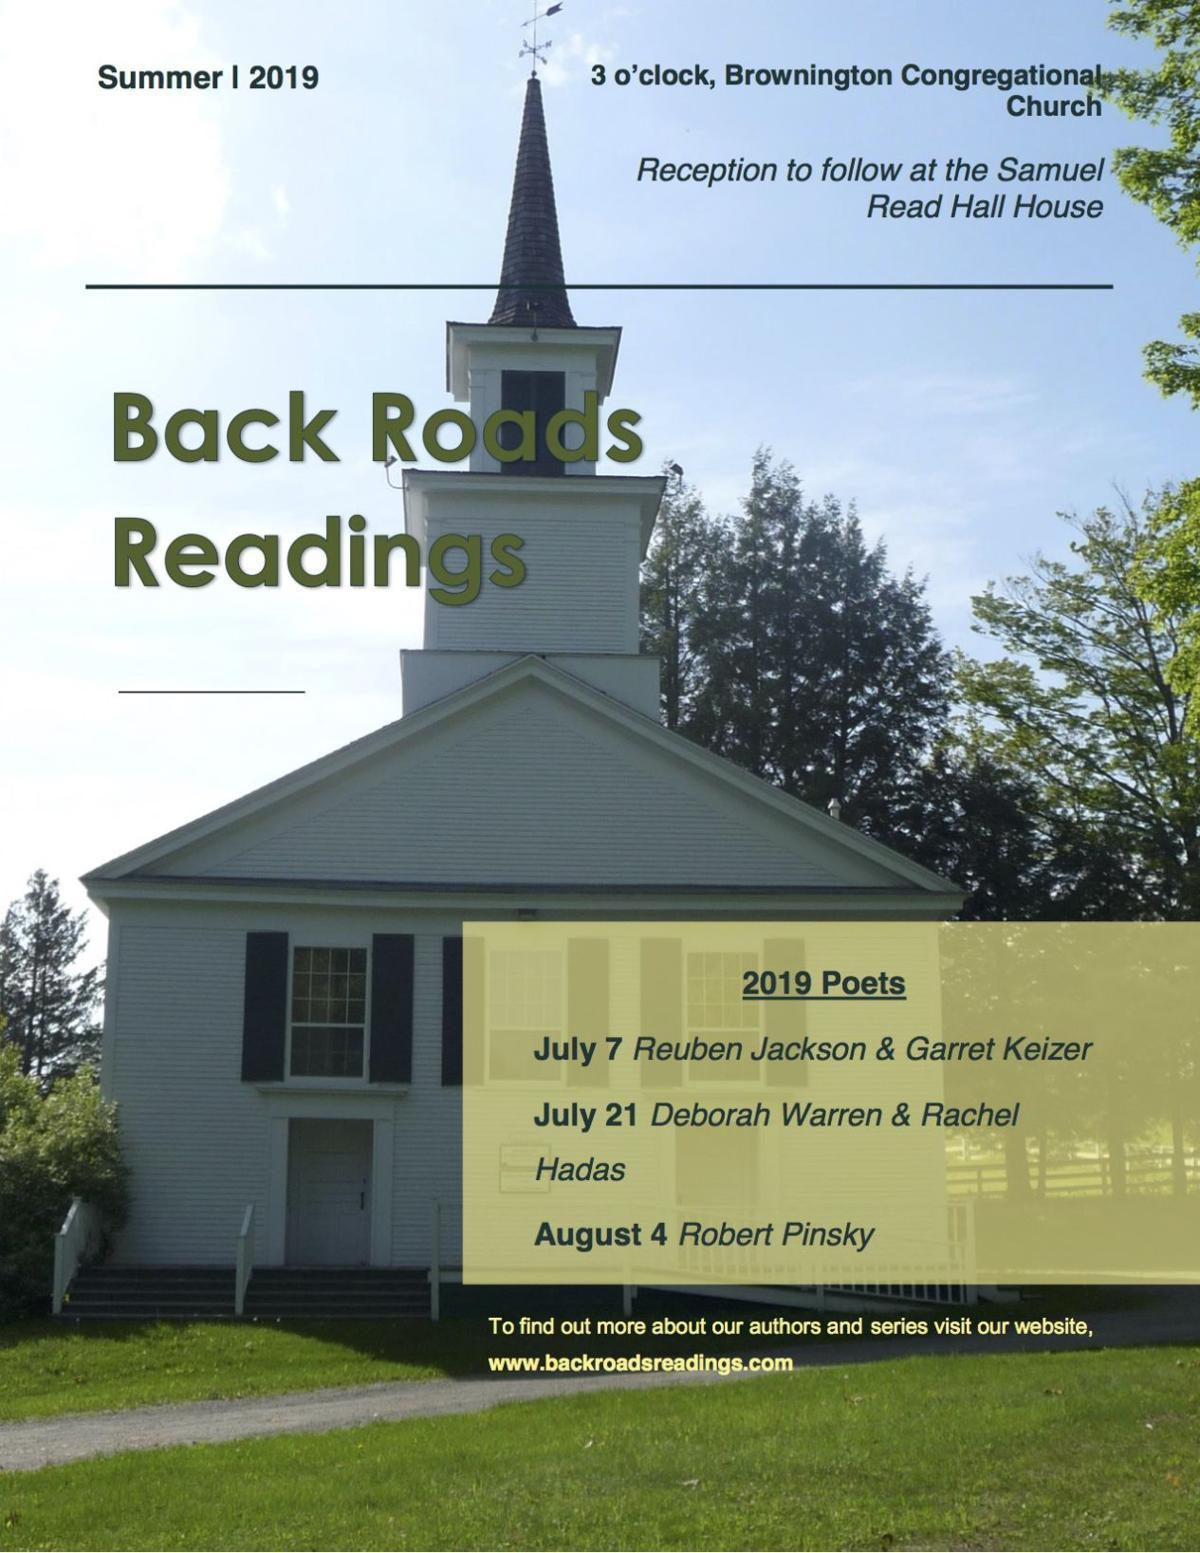 Back Roads Readings